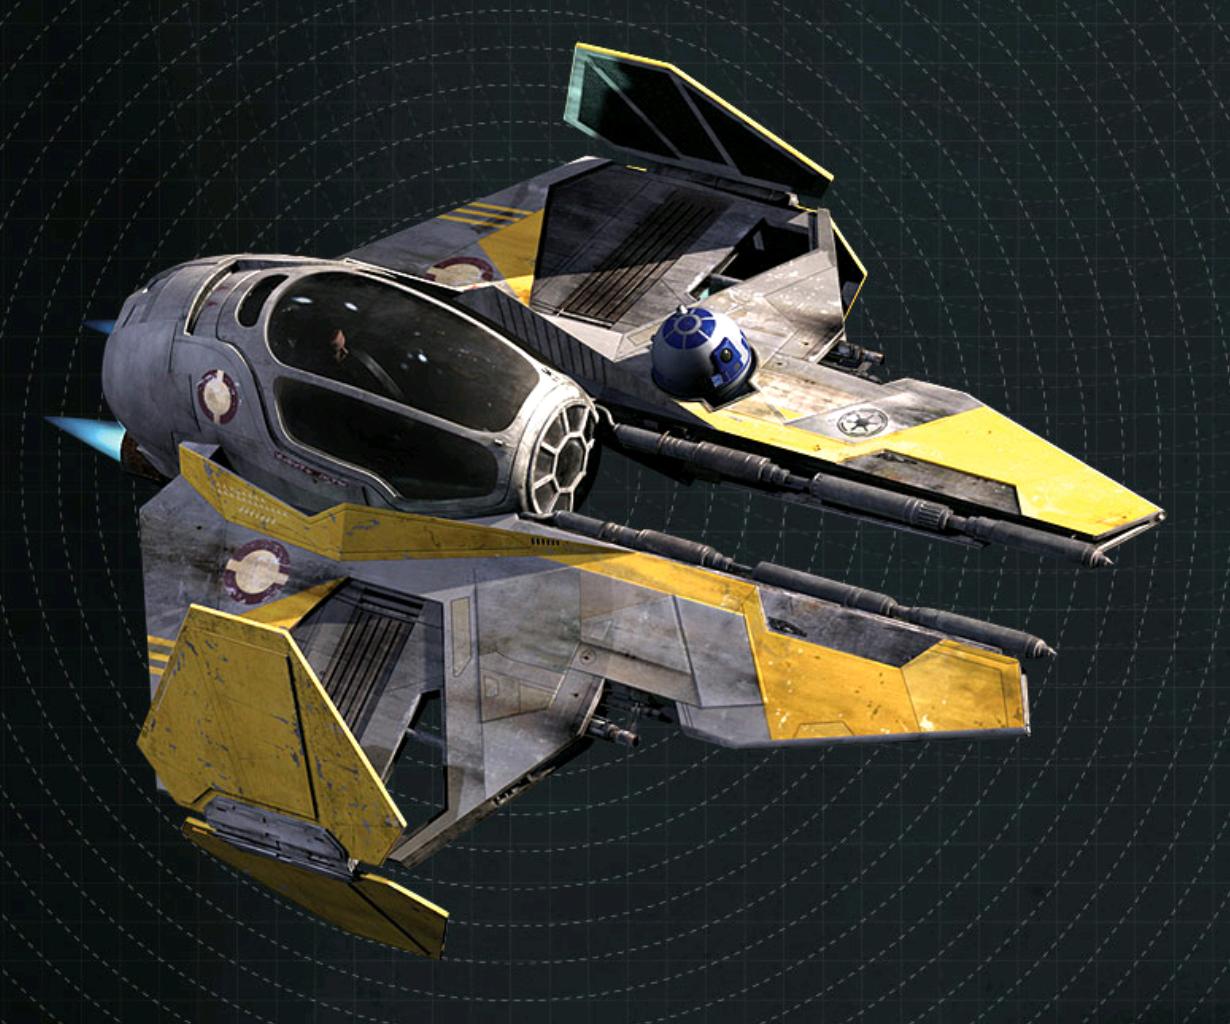 Eta-2 Actis Interceptor